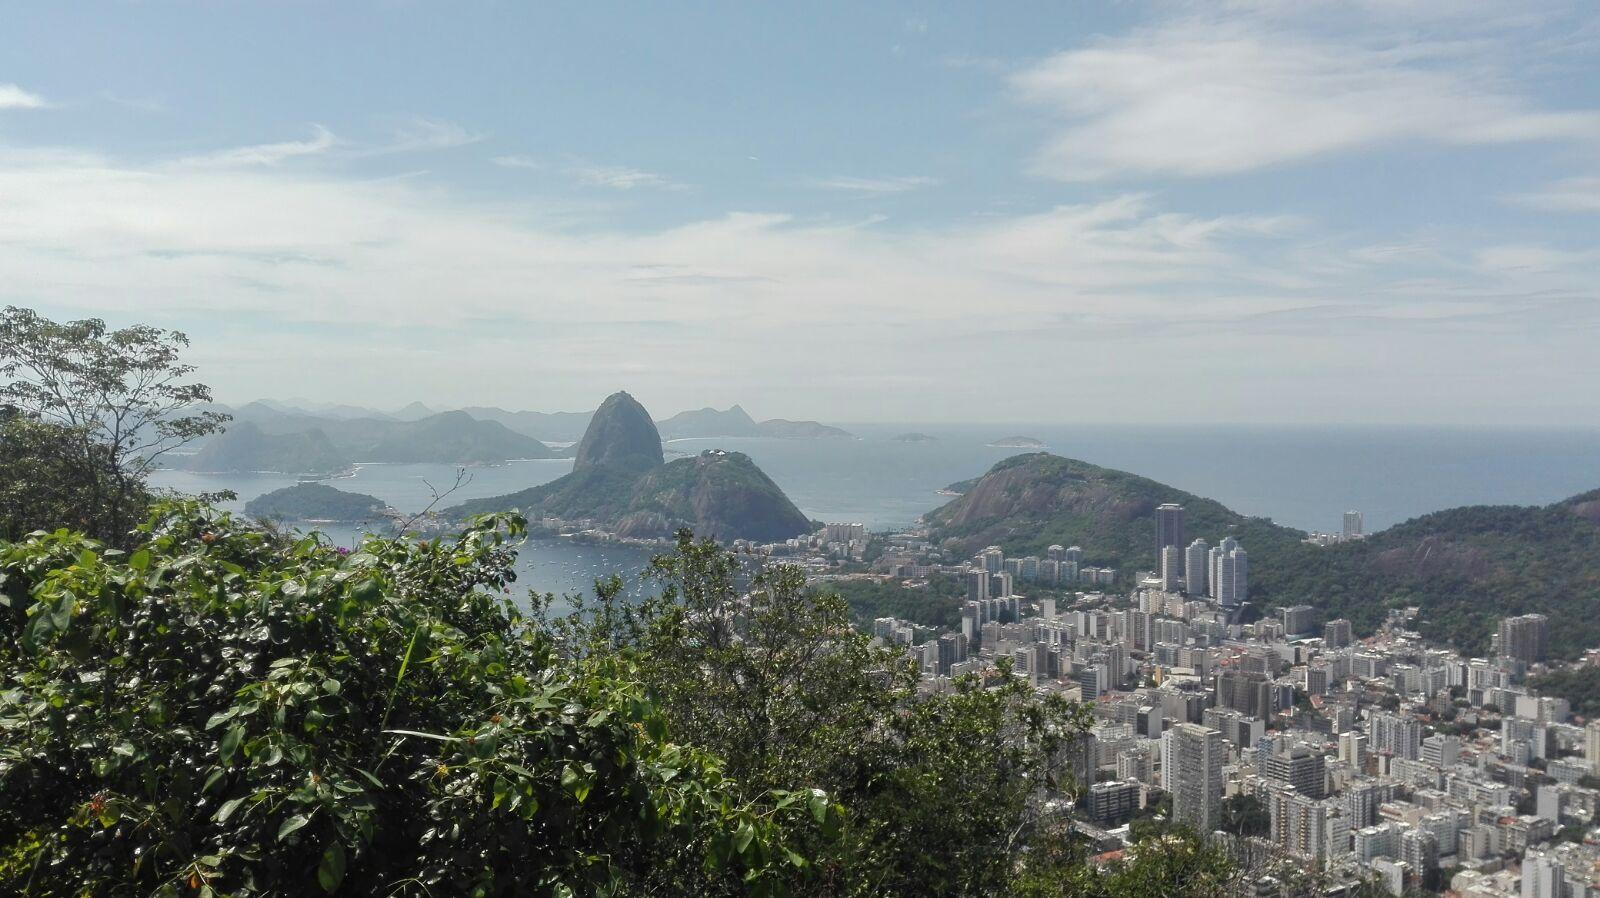 Cómo subir al Cristo Redentor del Corcovado. Vista de Rio de Janeiro desde el mirador de Santa Marta, con el Pão de Açucar al fondo